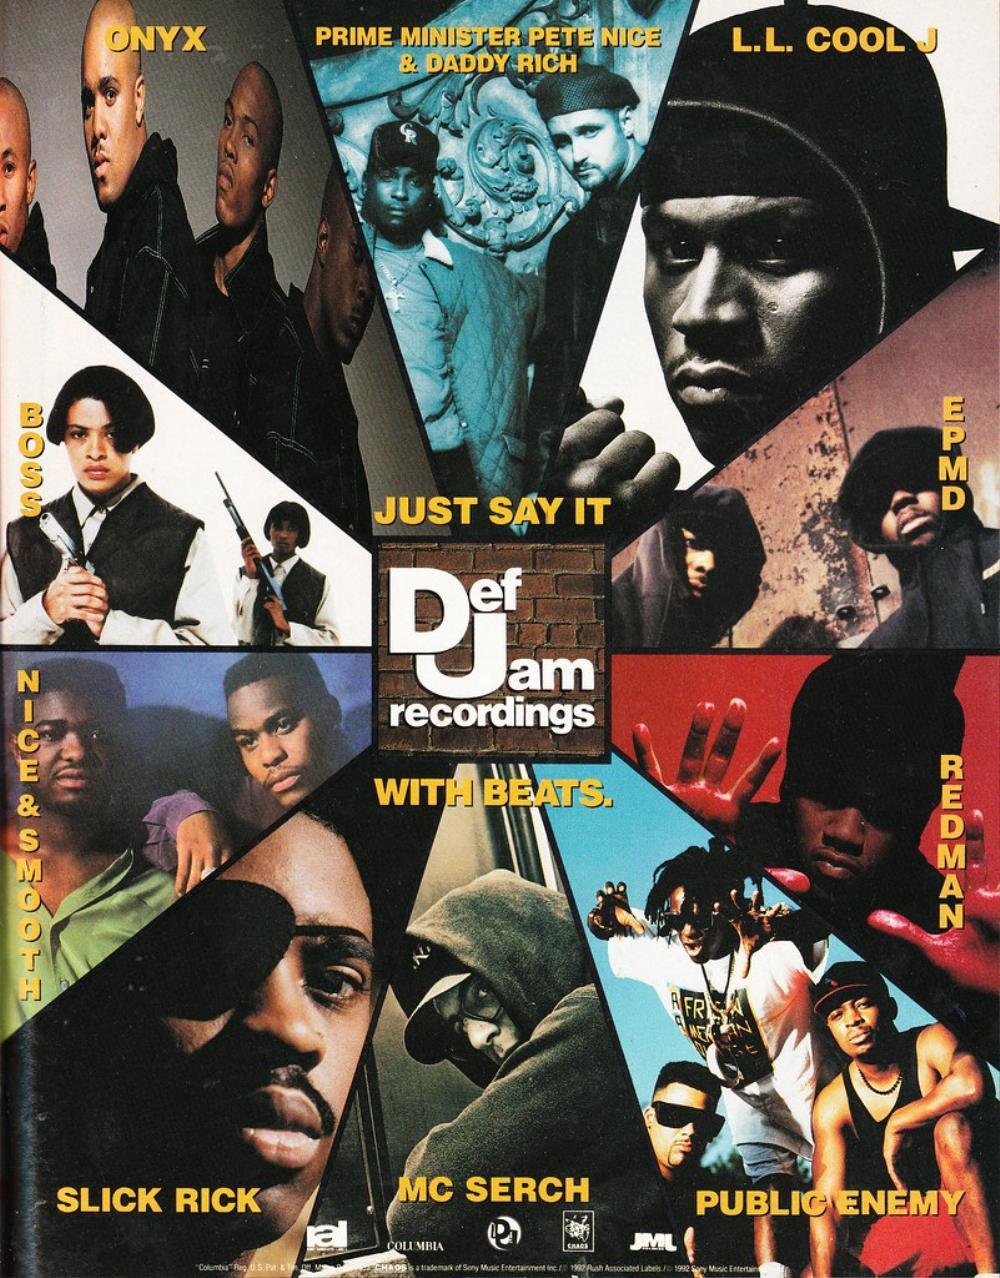 Nơi Tuimi (King of Rap) 'thuộc về - Def Jam 'khủng' như thế nào trên bản đồ âm nhạc thế giới? Ảnh 1